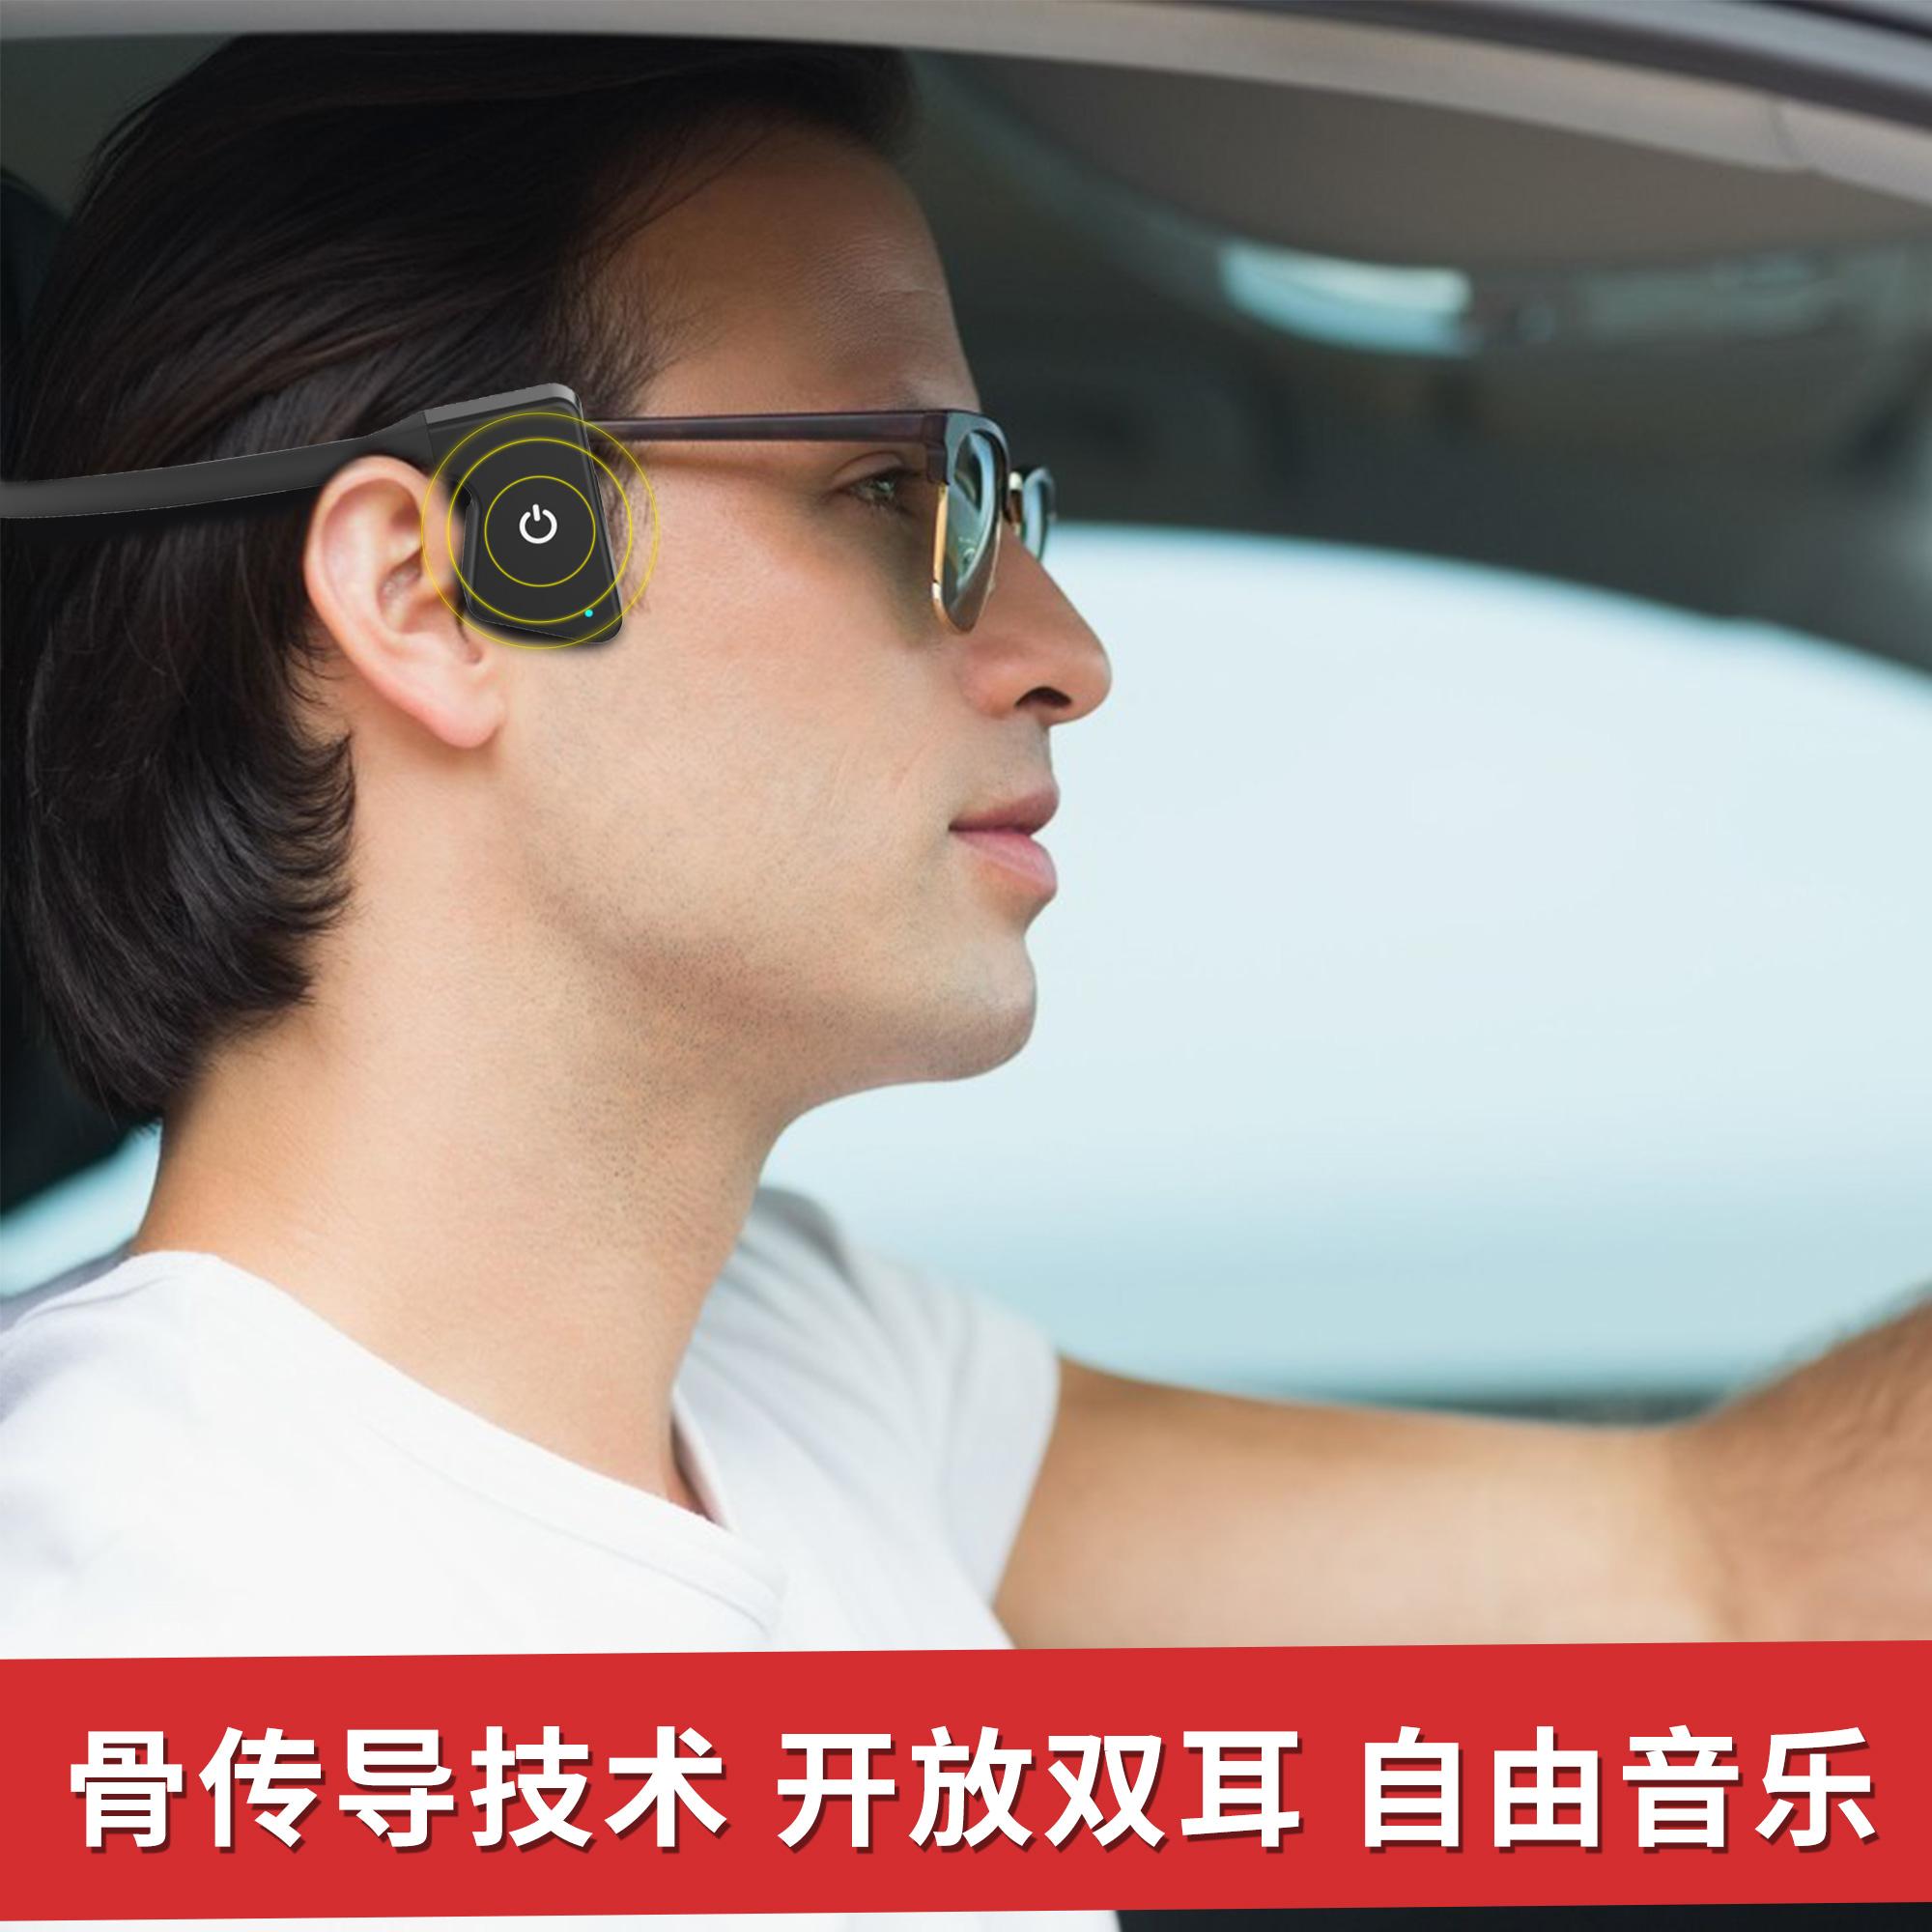 SOUNDER 声德 X2 防水防汗 骨传导蓝牙耳机 天猫优惠券折后¥99.99包邮(¥199.99-100)